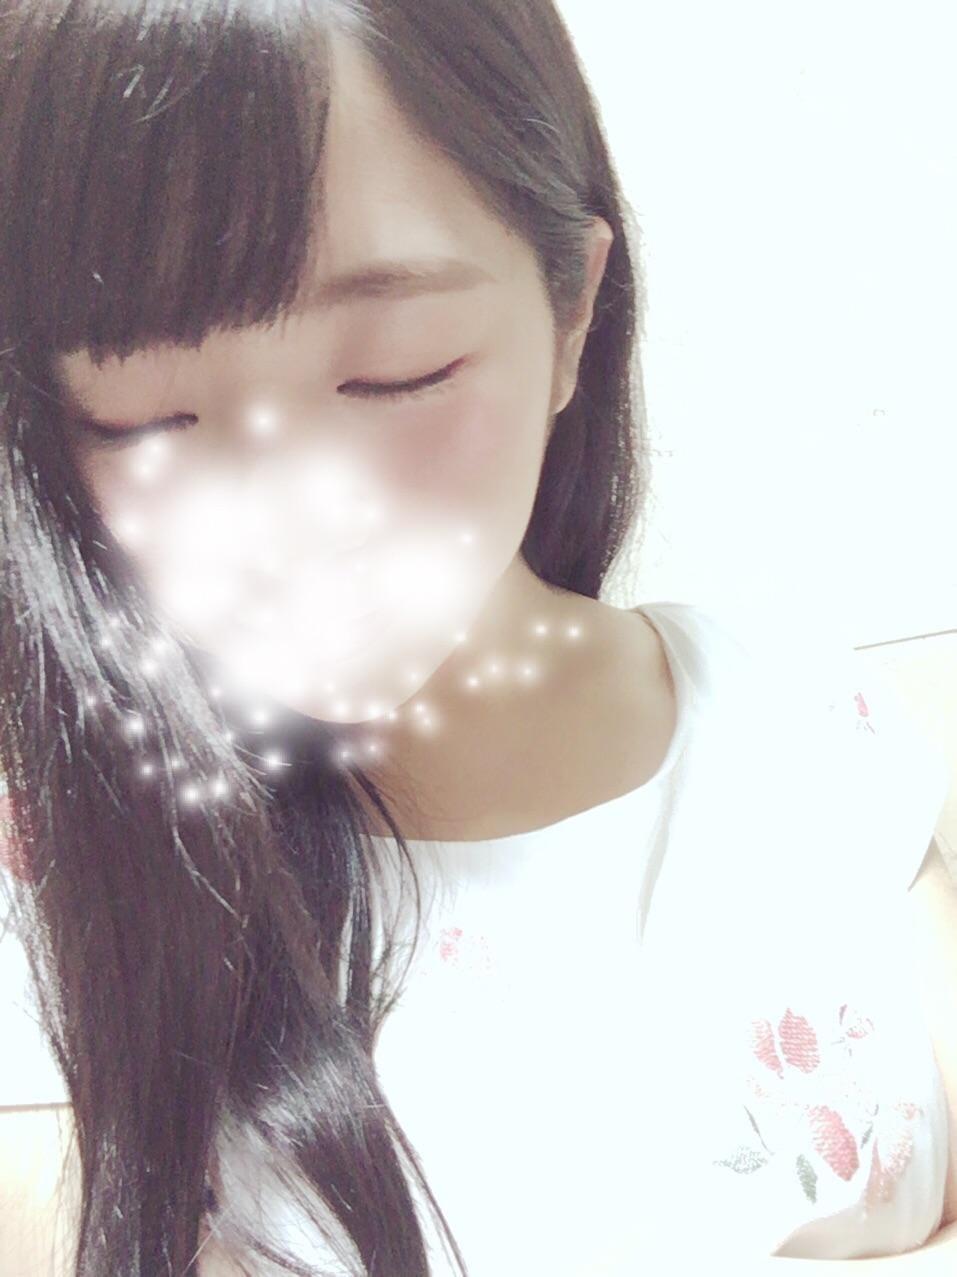 「こんにちは」09/15(09/15) 16:47   このみの写メ・風俗動画